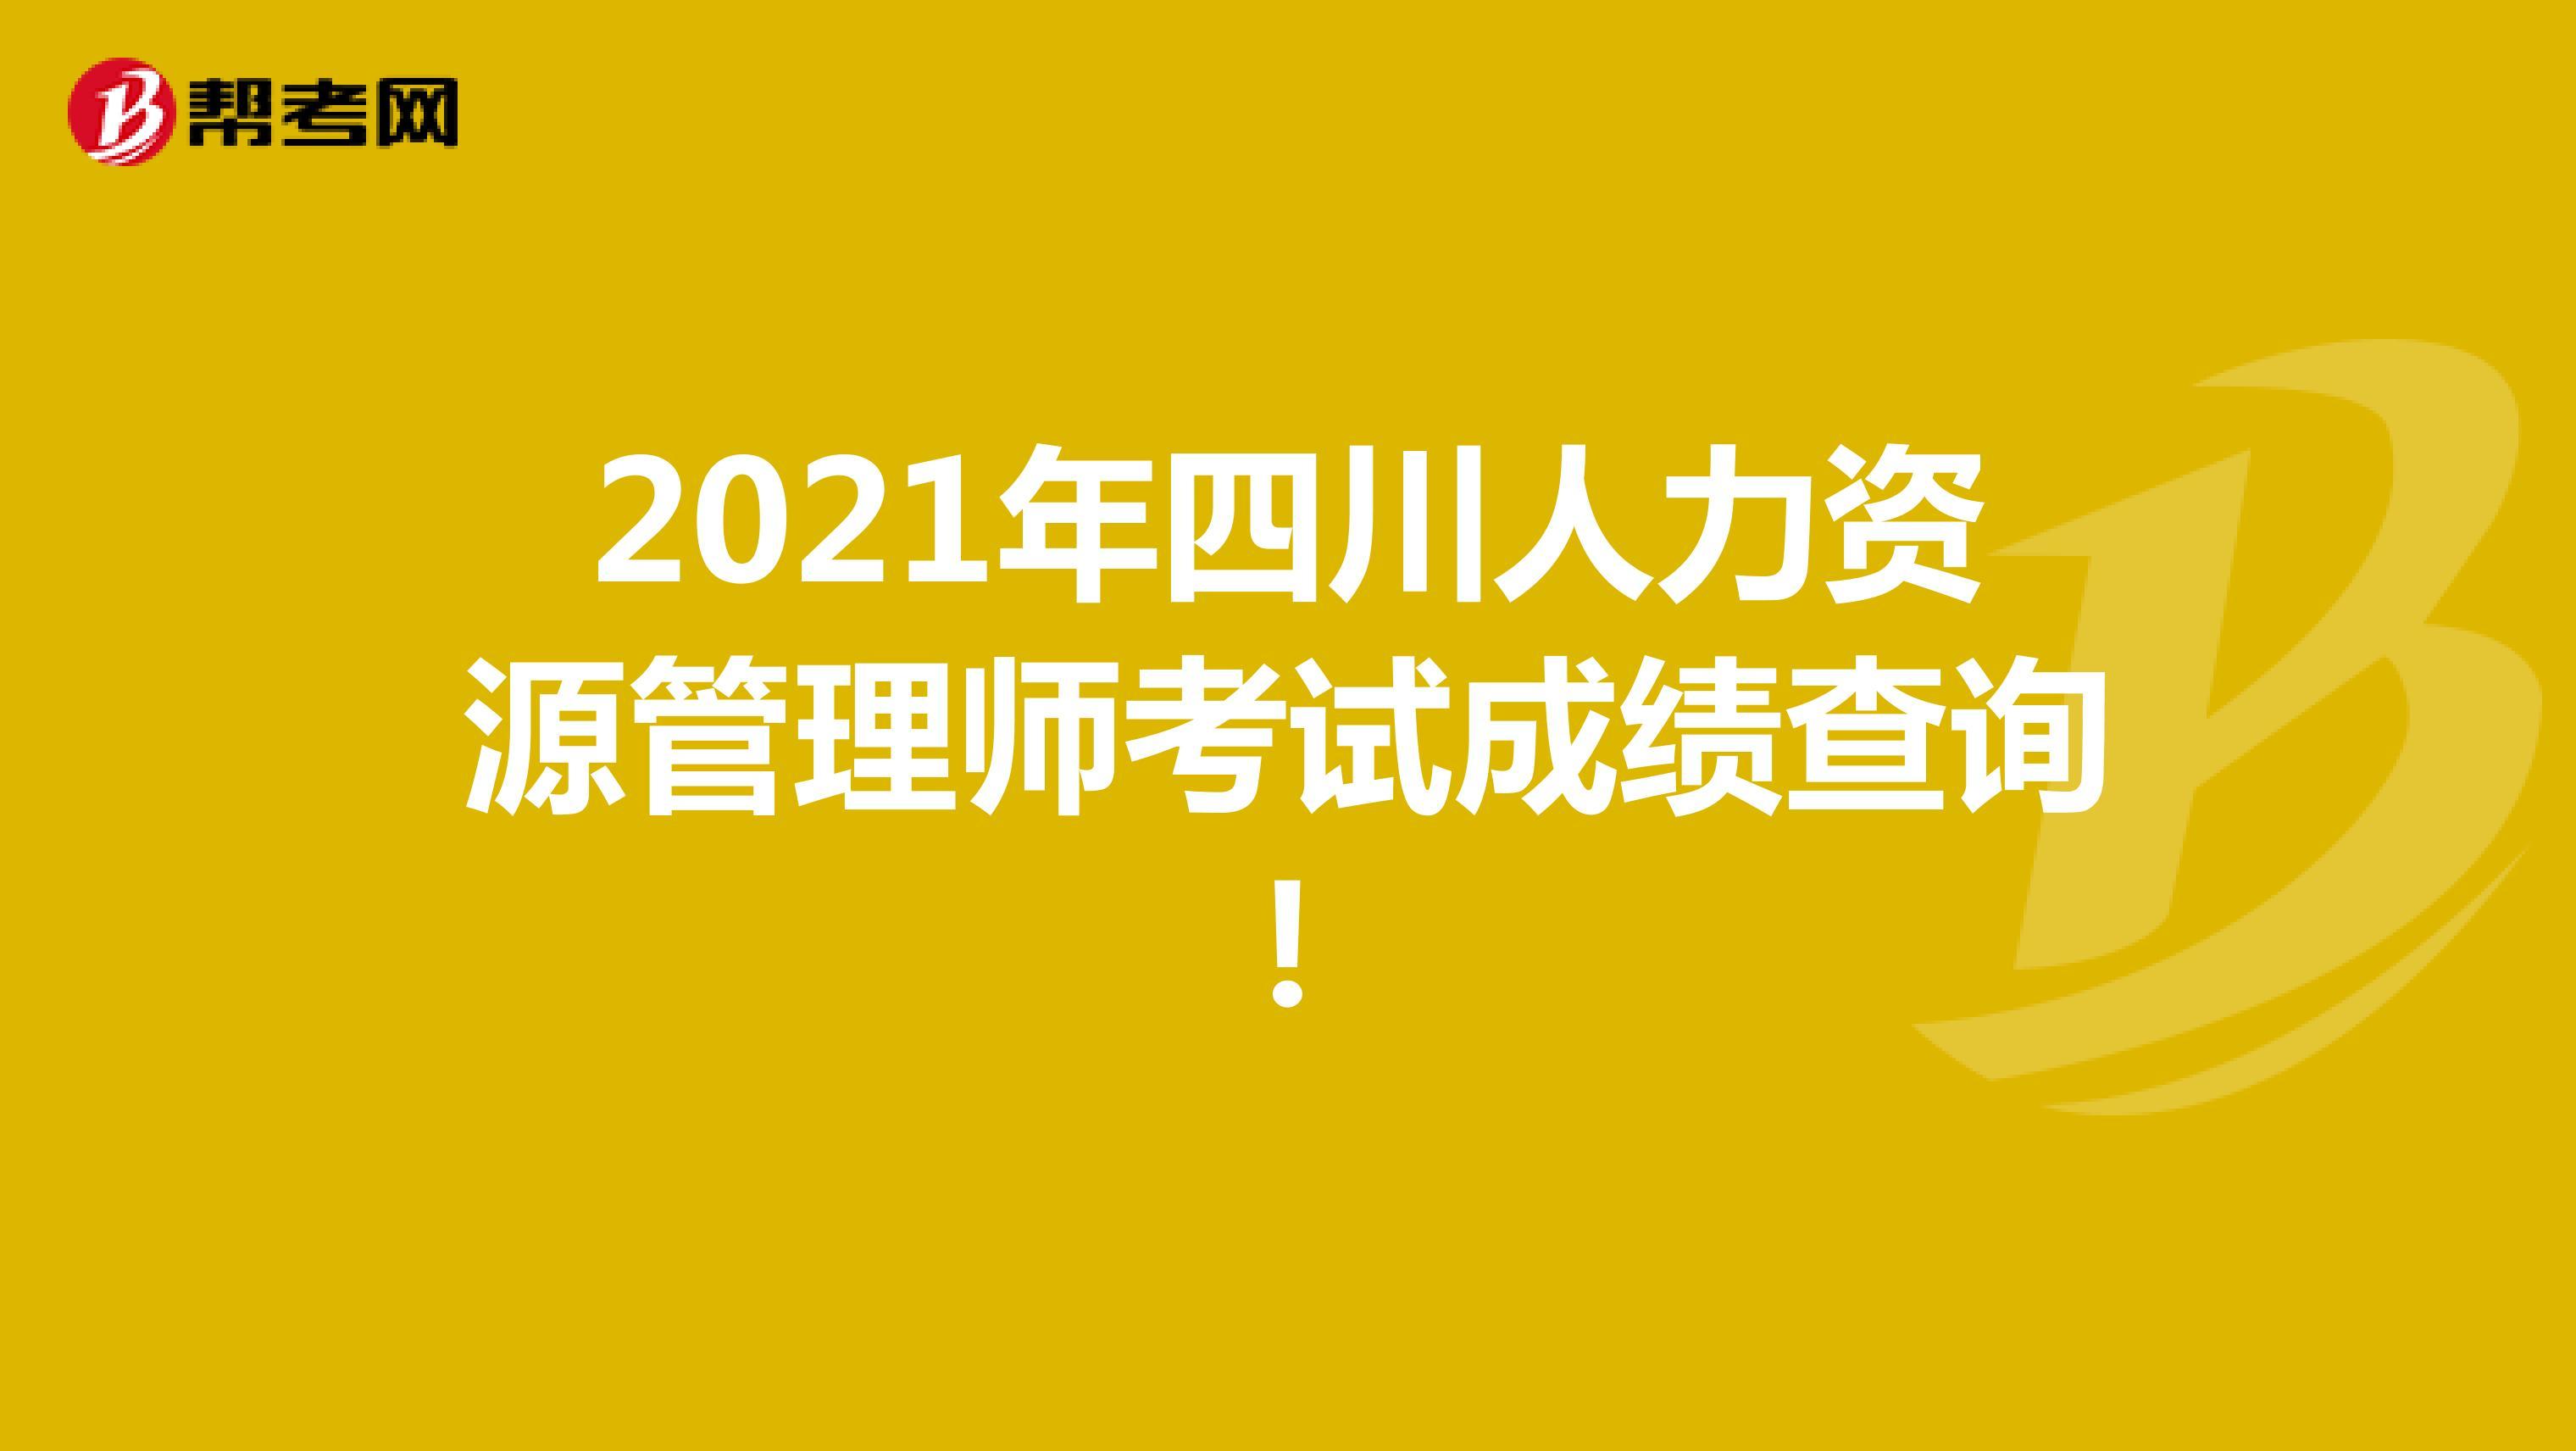 2021年四川人力资源管理师考试成绩查询!